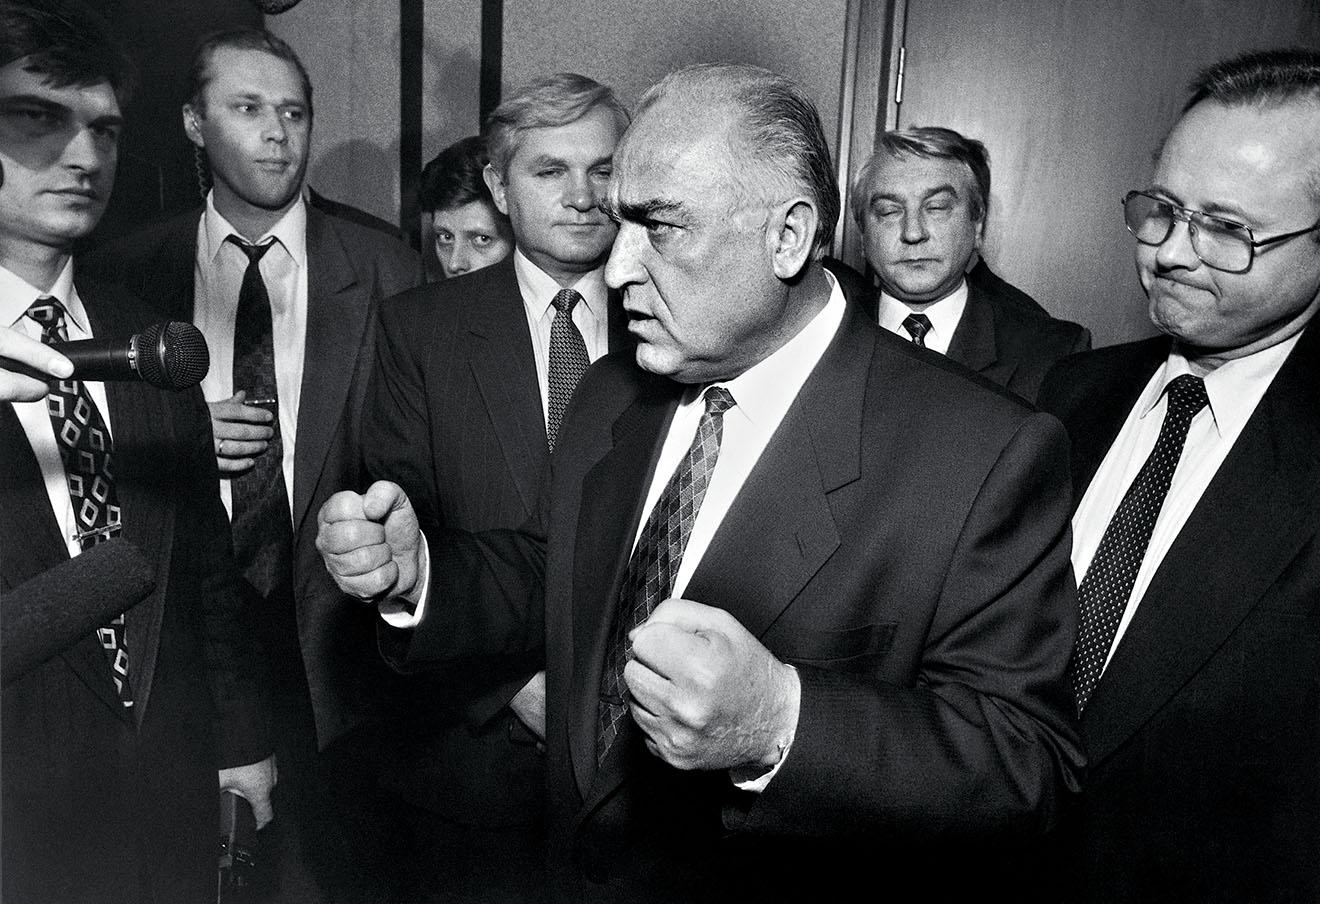 Виктор Черномырдин в Государственной думе, 1996 год. Фото: Игорь Табаков / ТАСС